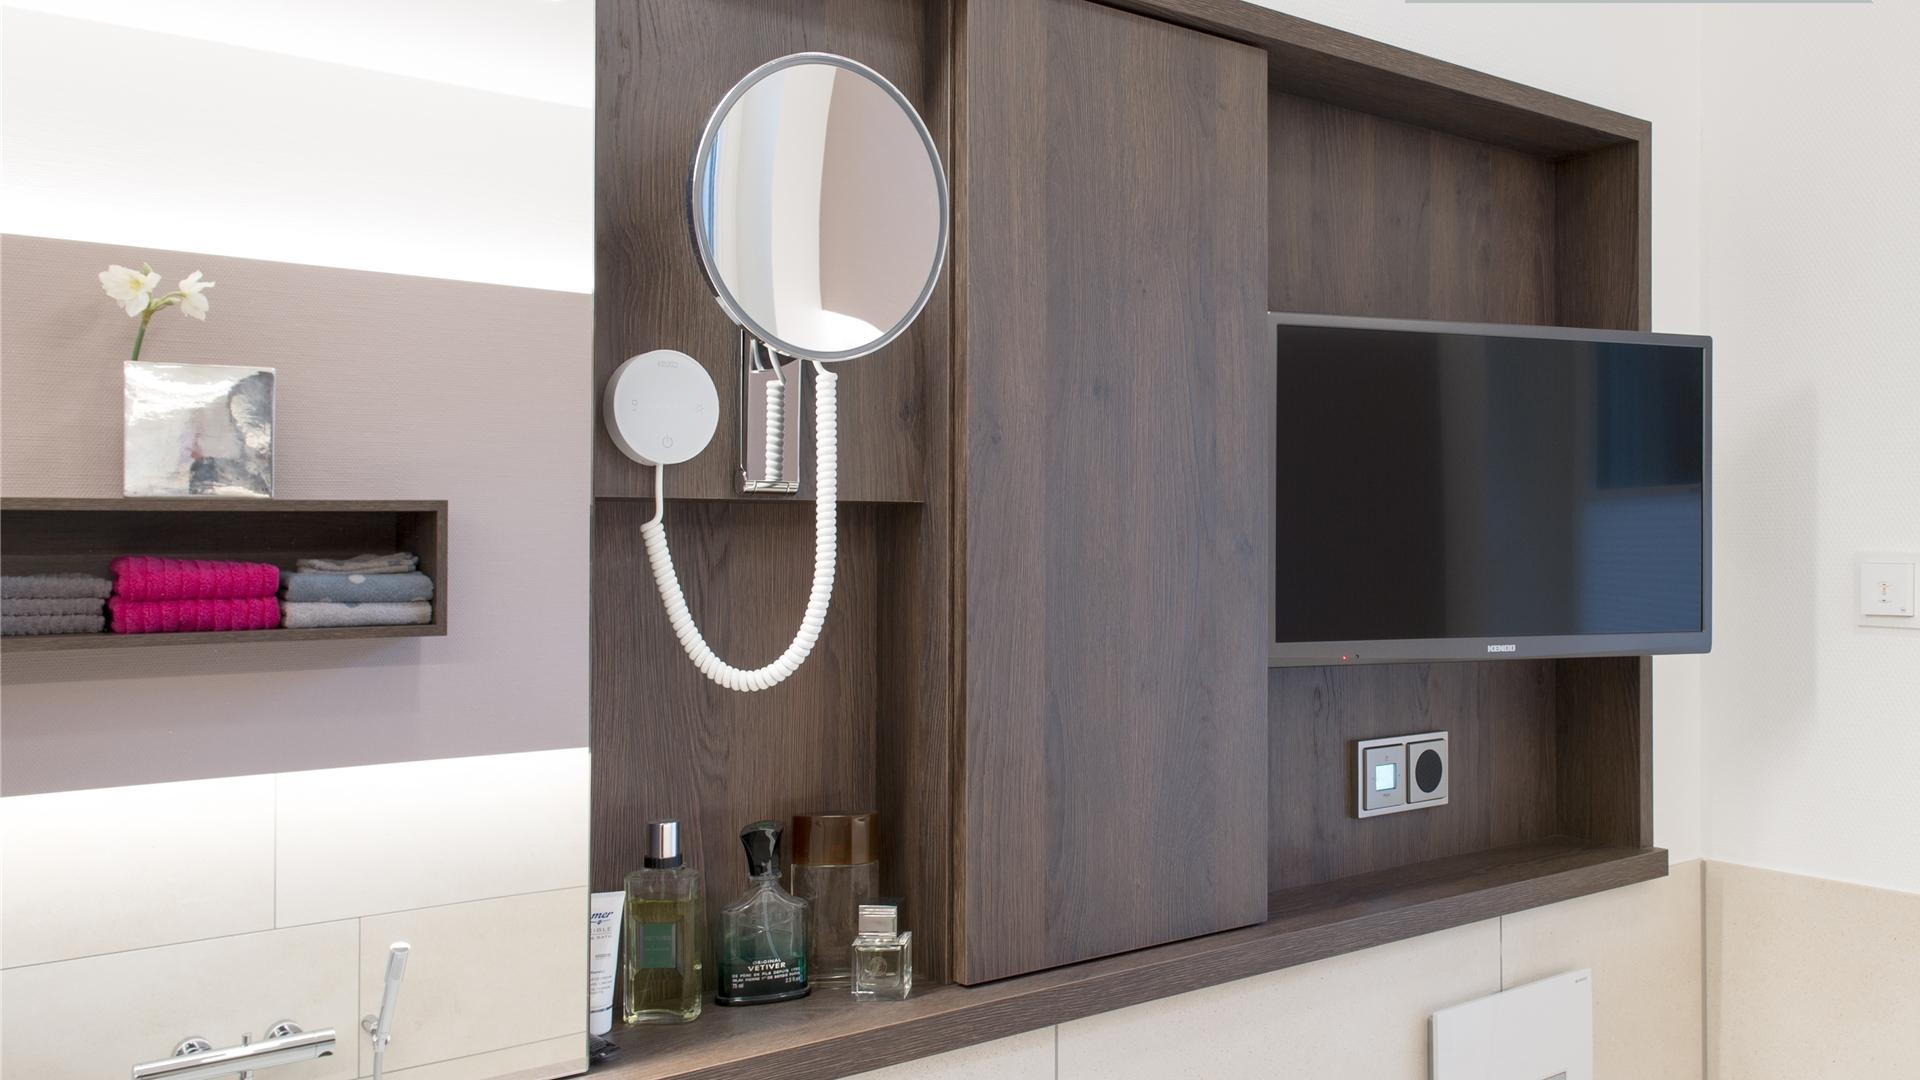 Spiegelschrank mit eingebautem Fernseher und extra Kosmetikspiegel